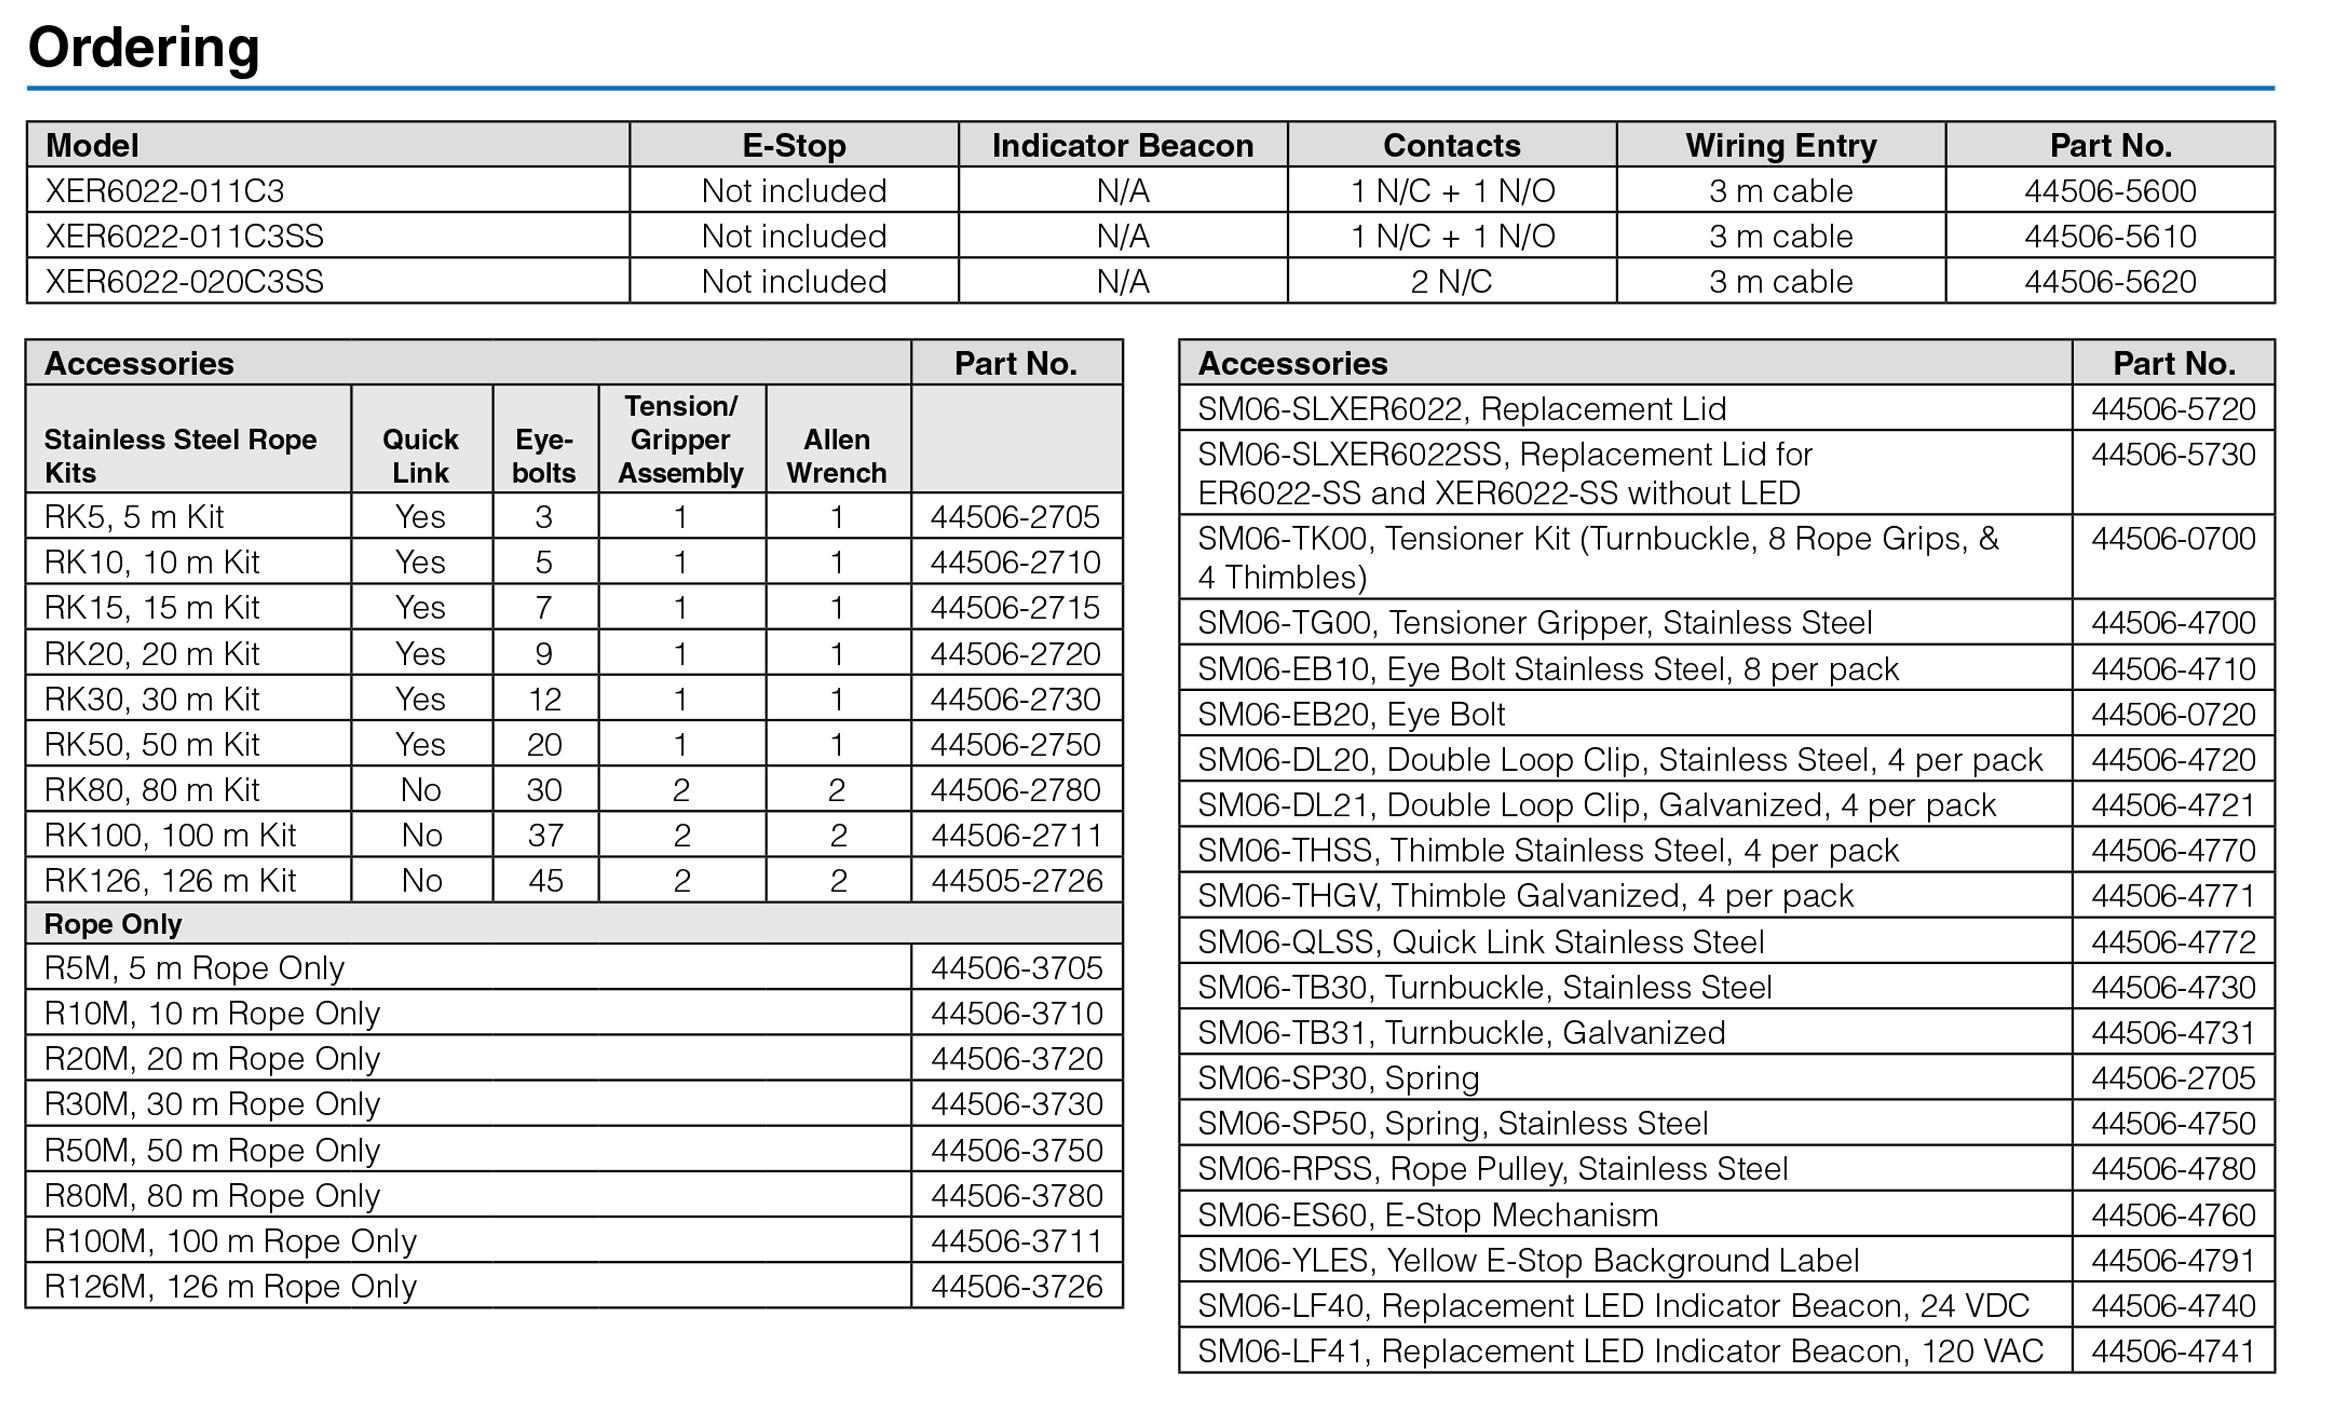 XER6022-SS_Ordering.jpg